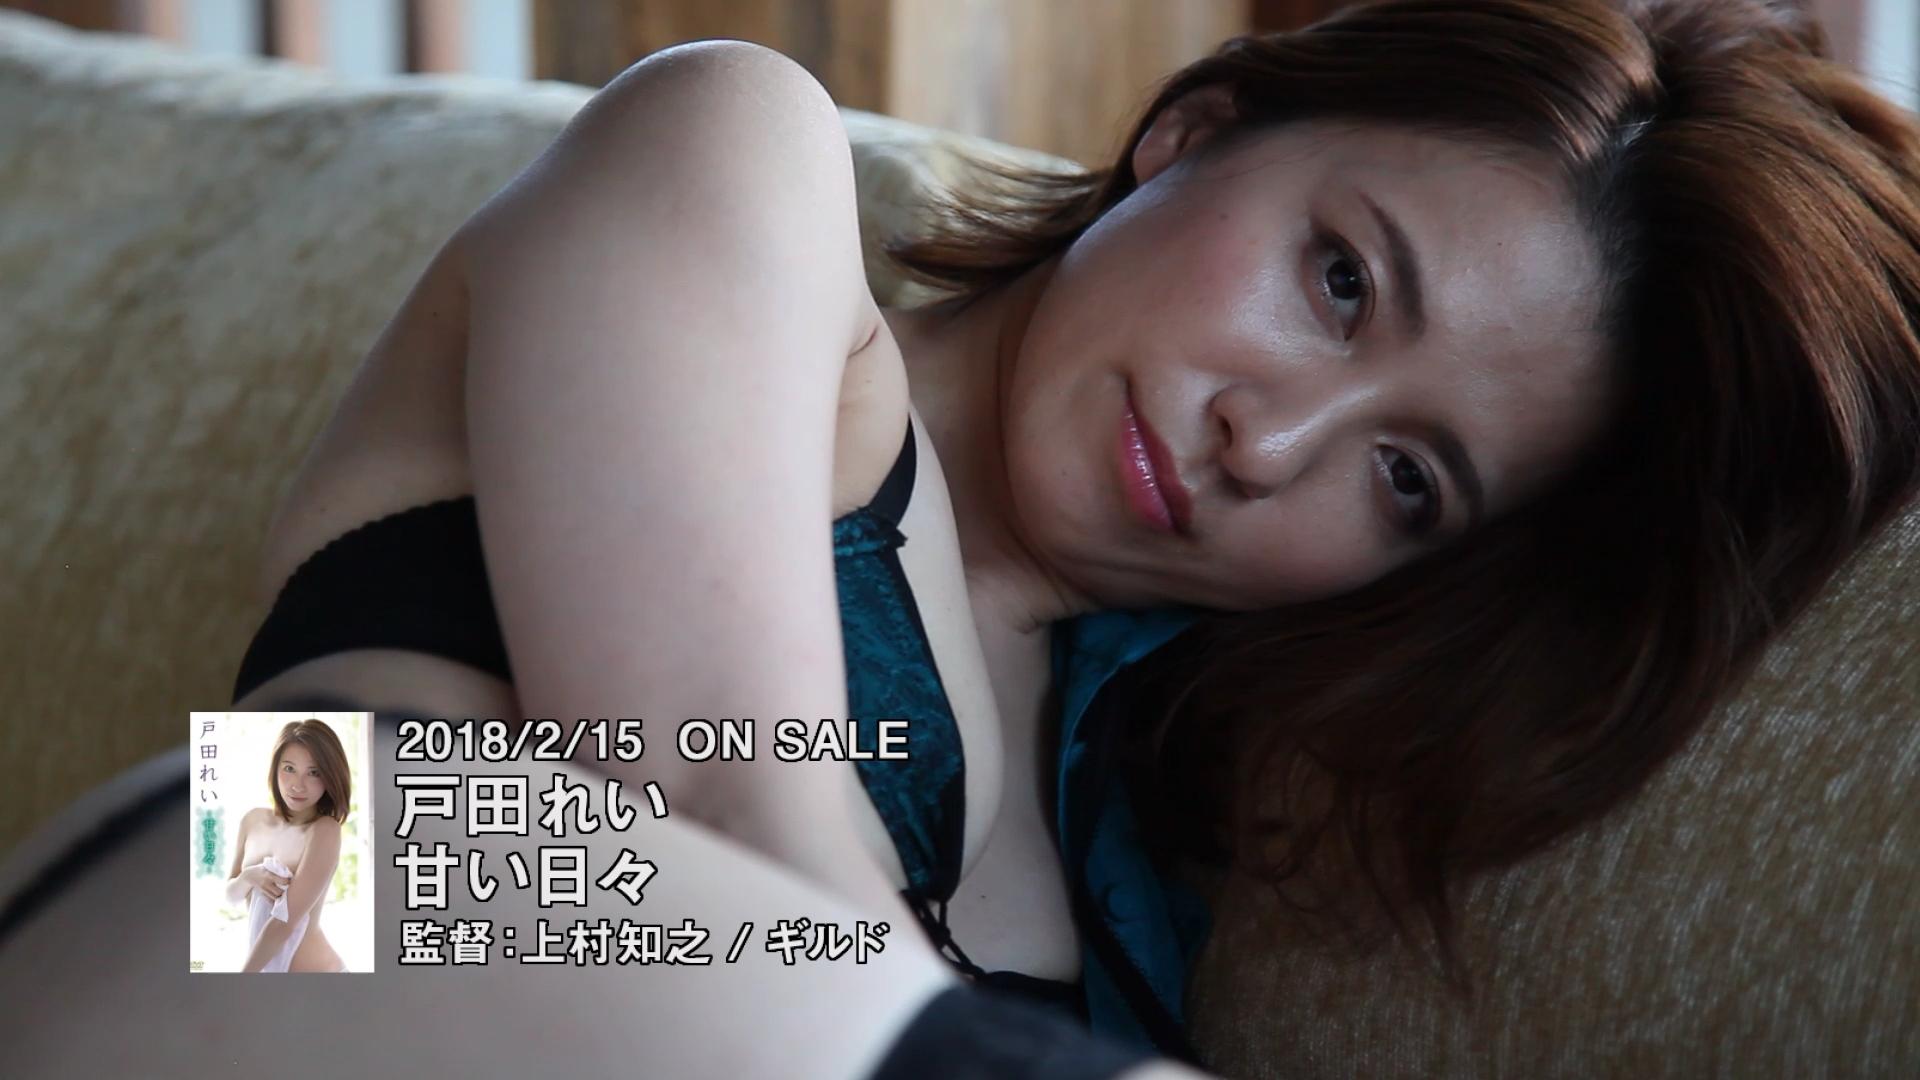 戸田れいのイメージDVDエロ画像074